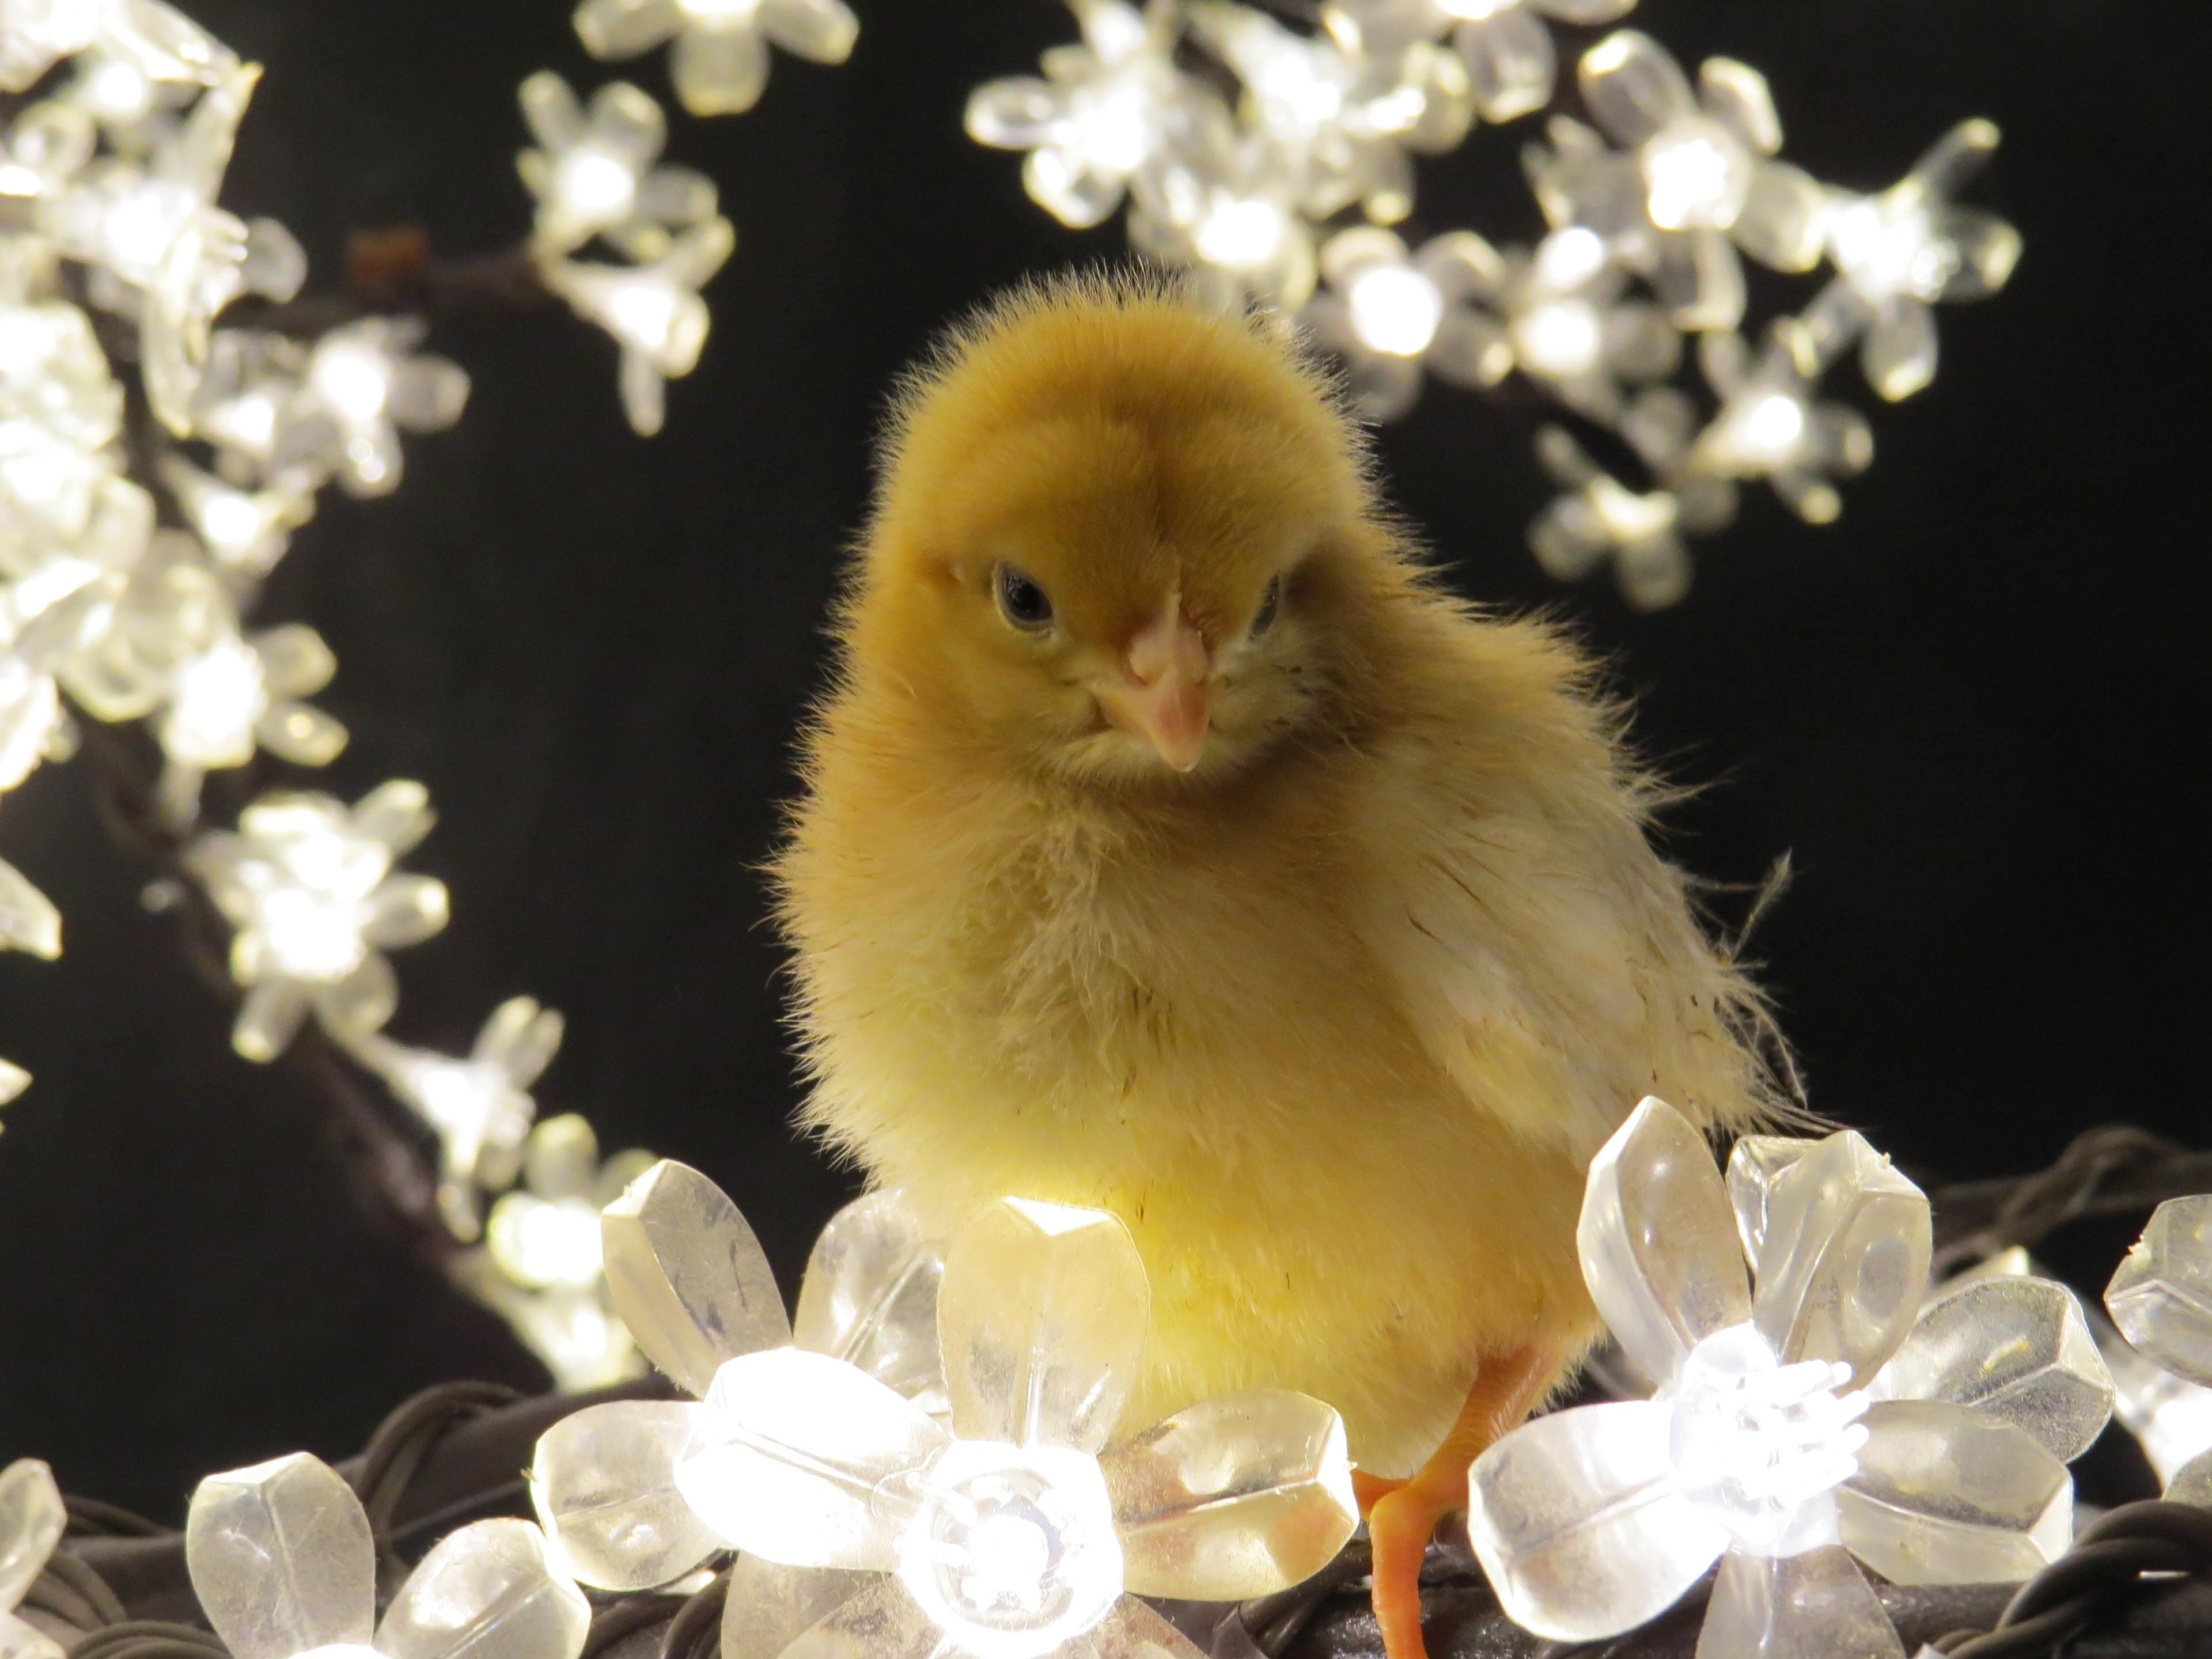 Chick in lights.JPG